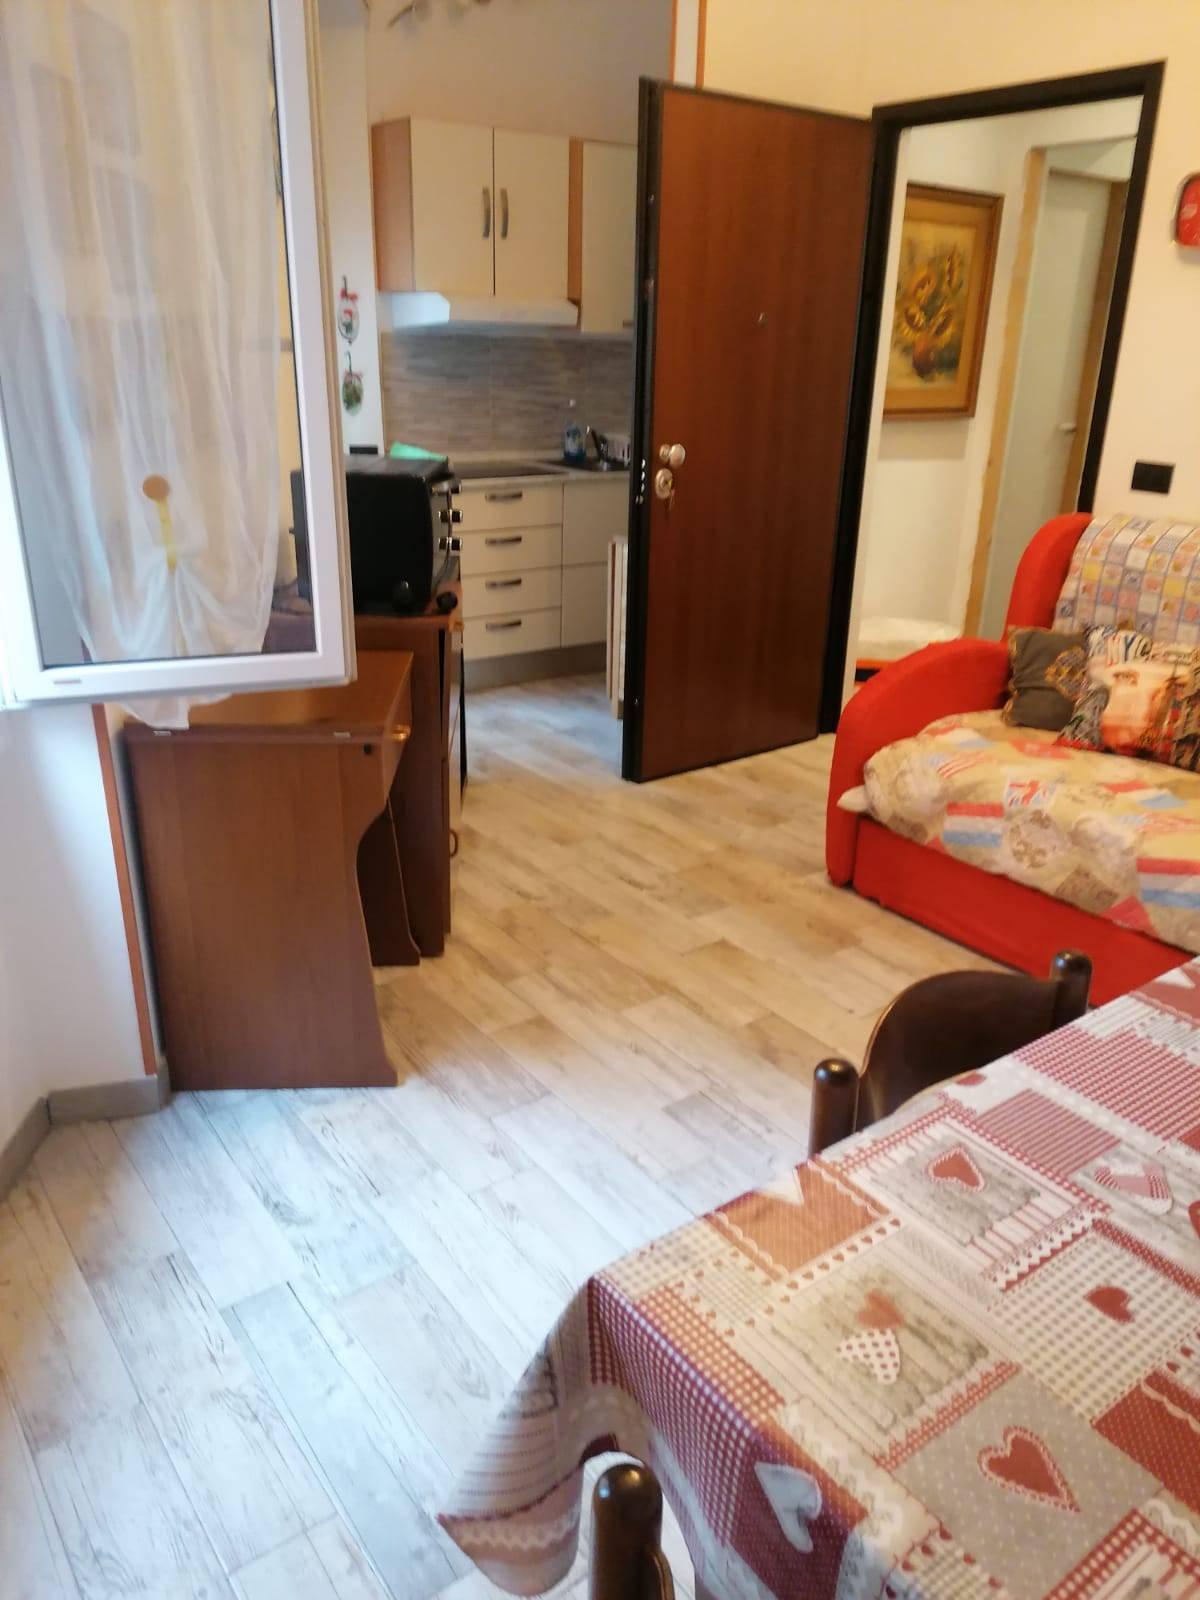 Appartamento in affitto a Cogoleto, 2 locali, zona Località: Centrostorico, prezzo € 1.600 | PortaleAgenzieImmobiliari.it